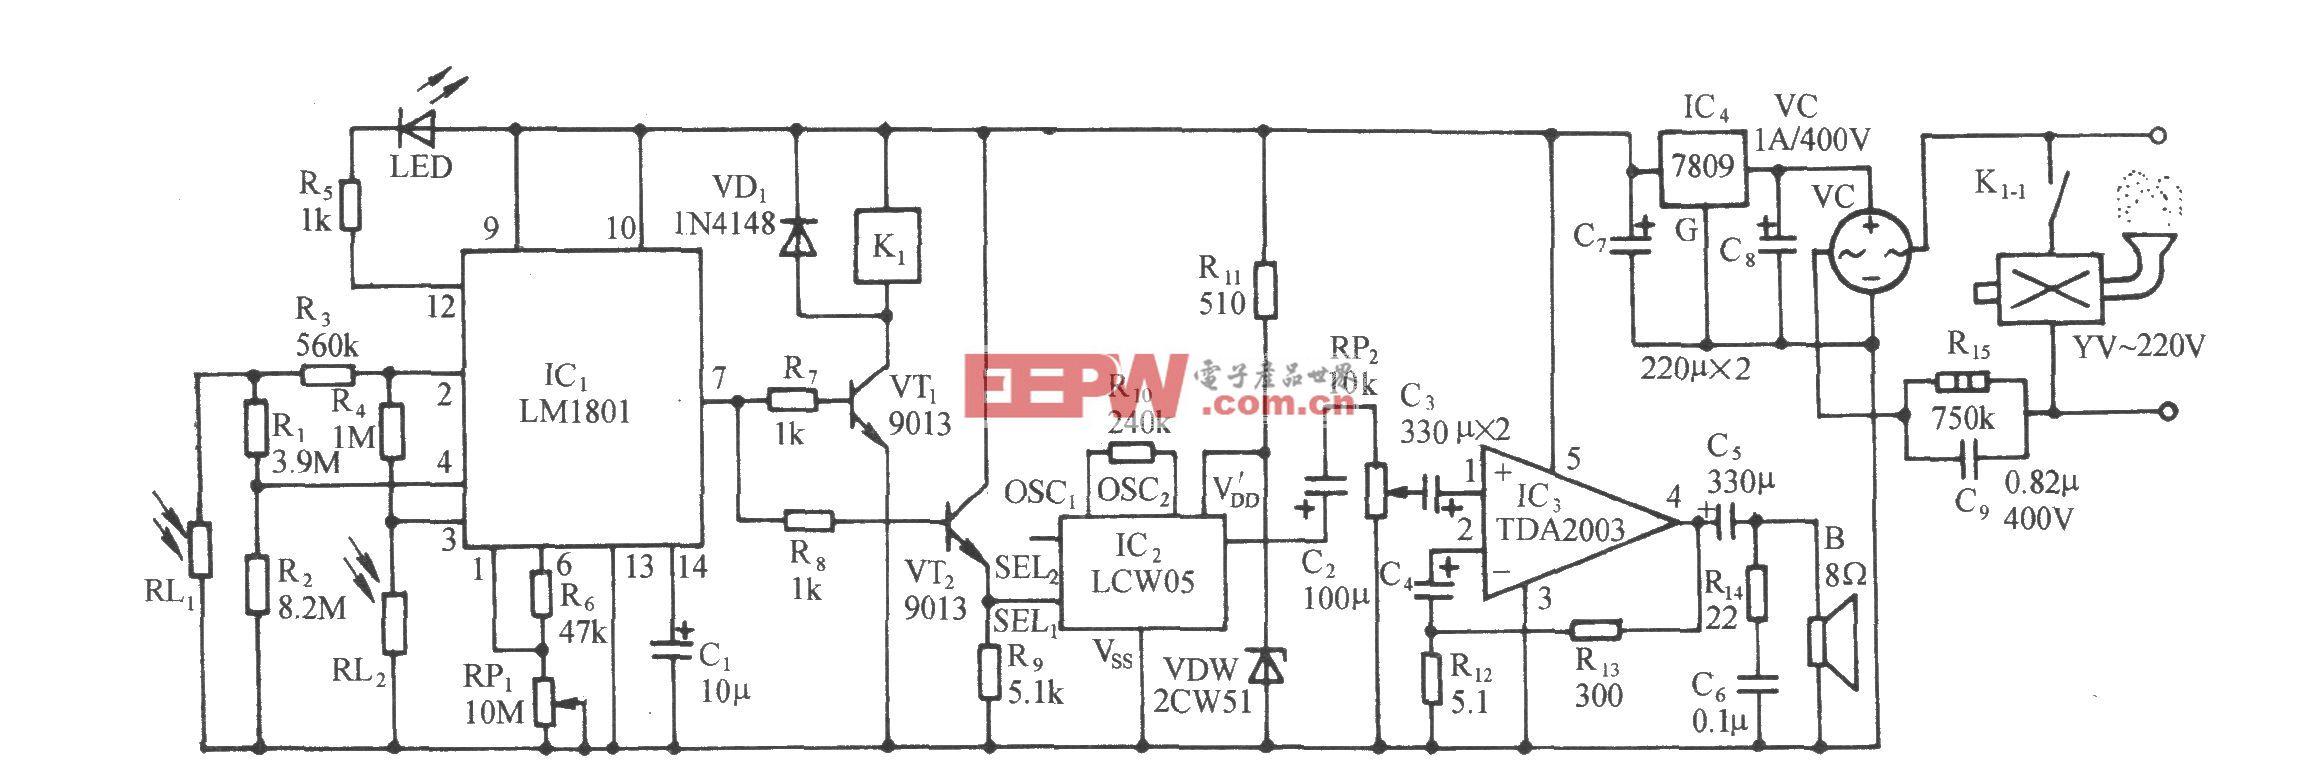 光敏式火灾大功率报警电路(LM1801)